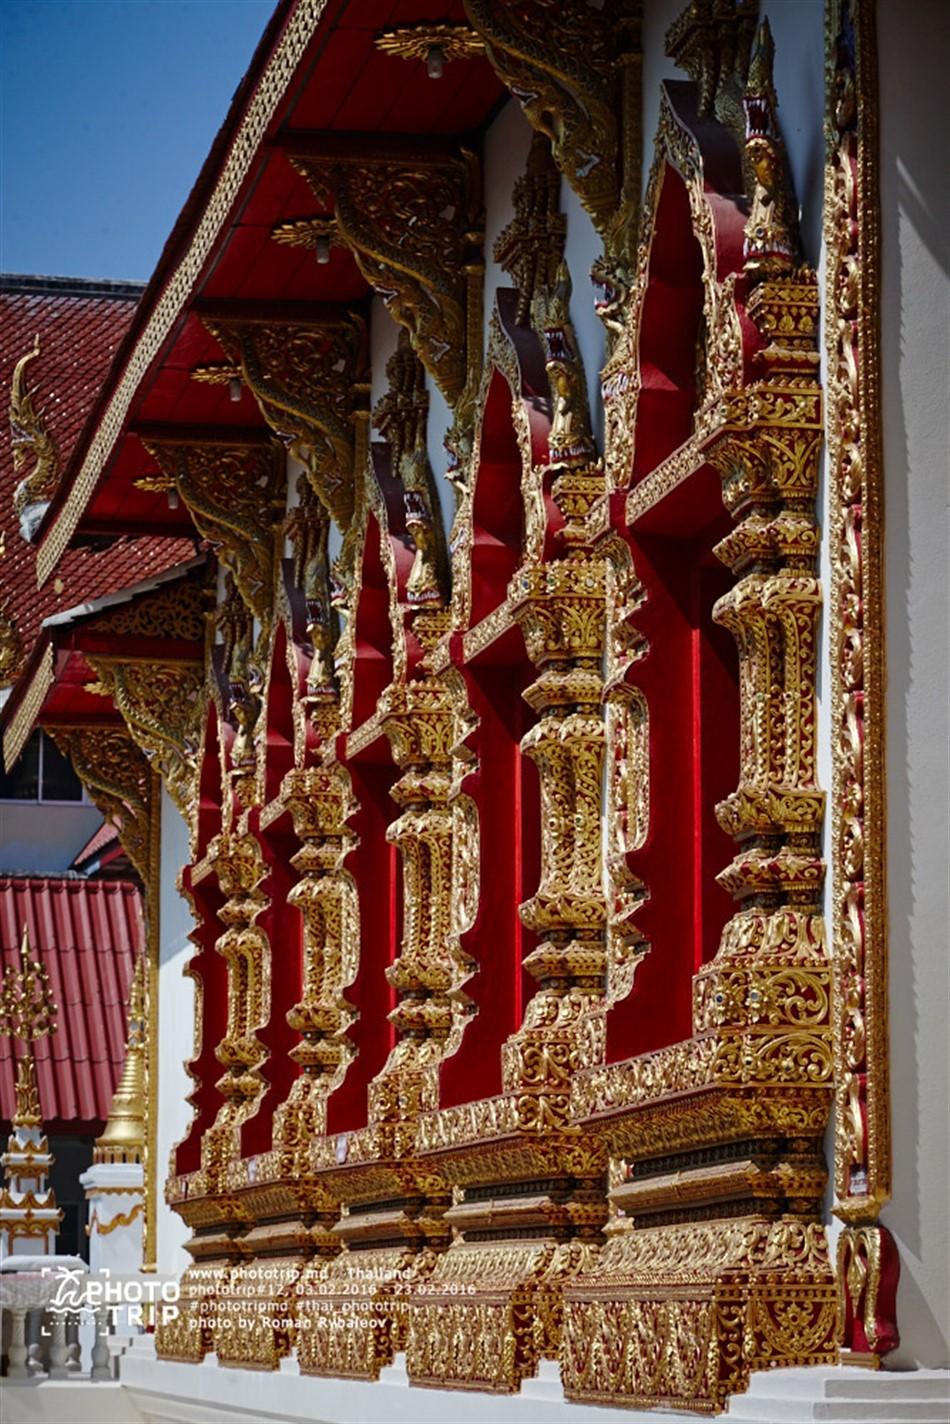 thailand2016_part3_045_950x1424